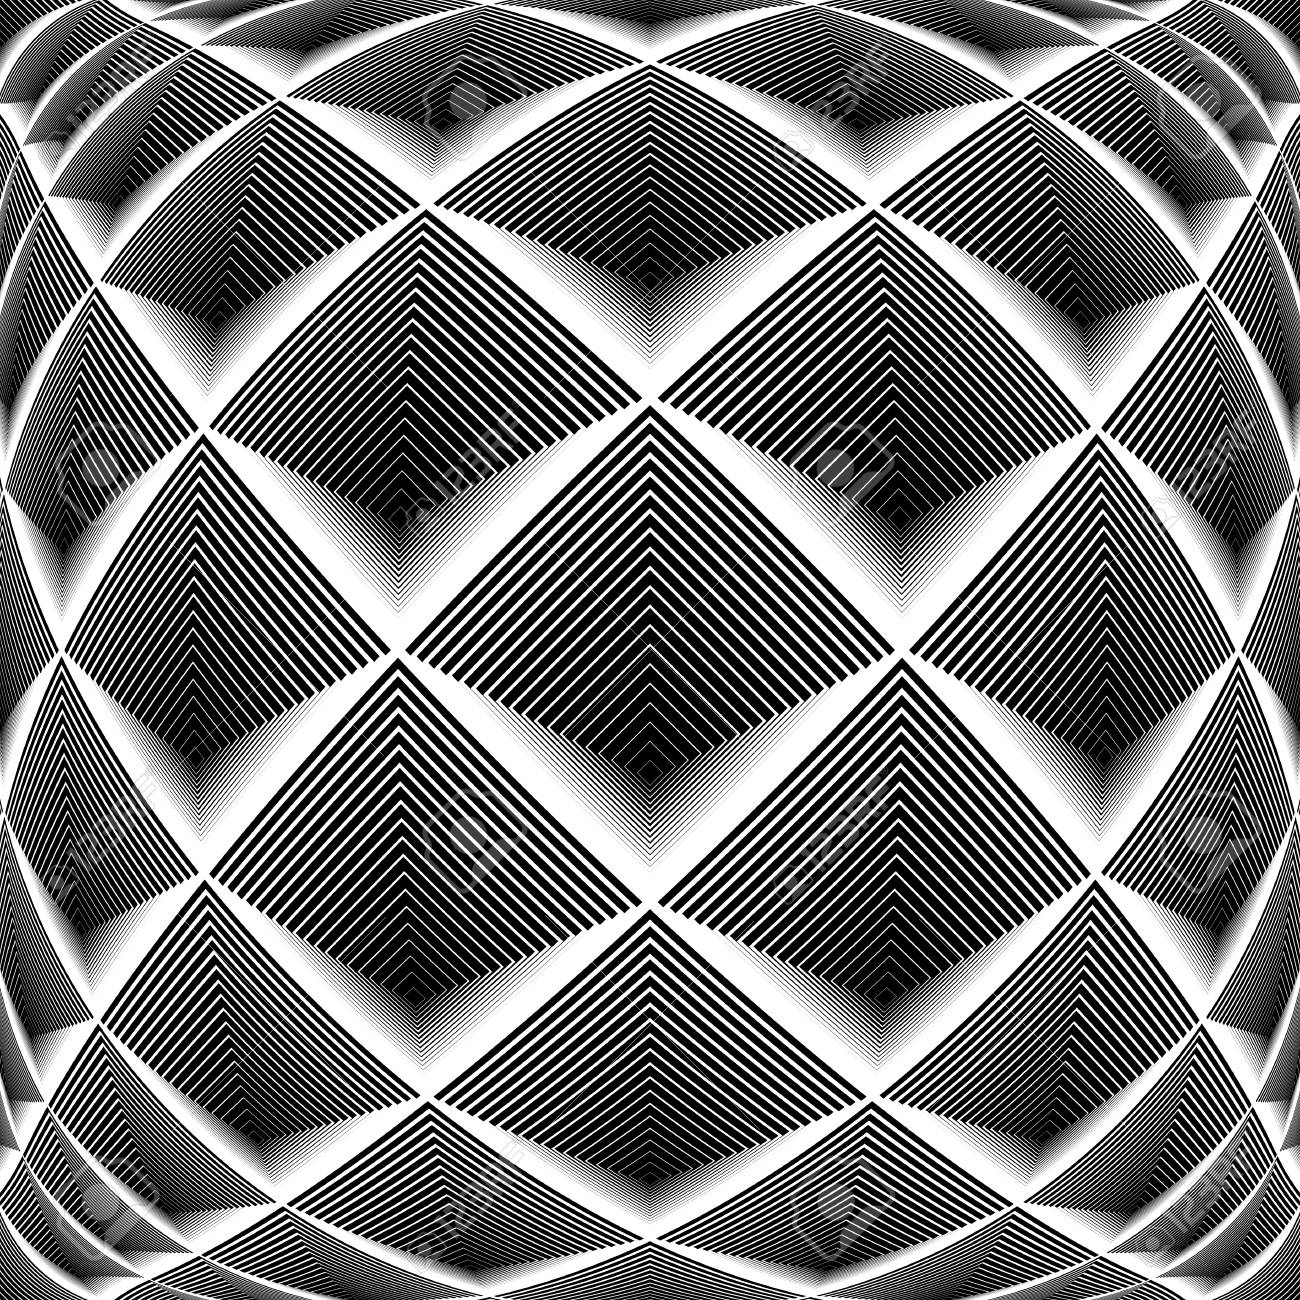 Disegni Geometrici Bianco E Nero disegno in bianco e nero diamante disegno geometrico. priorità bassa a  strisce sfondo con texture. vector art. nessuna sfumatura